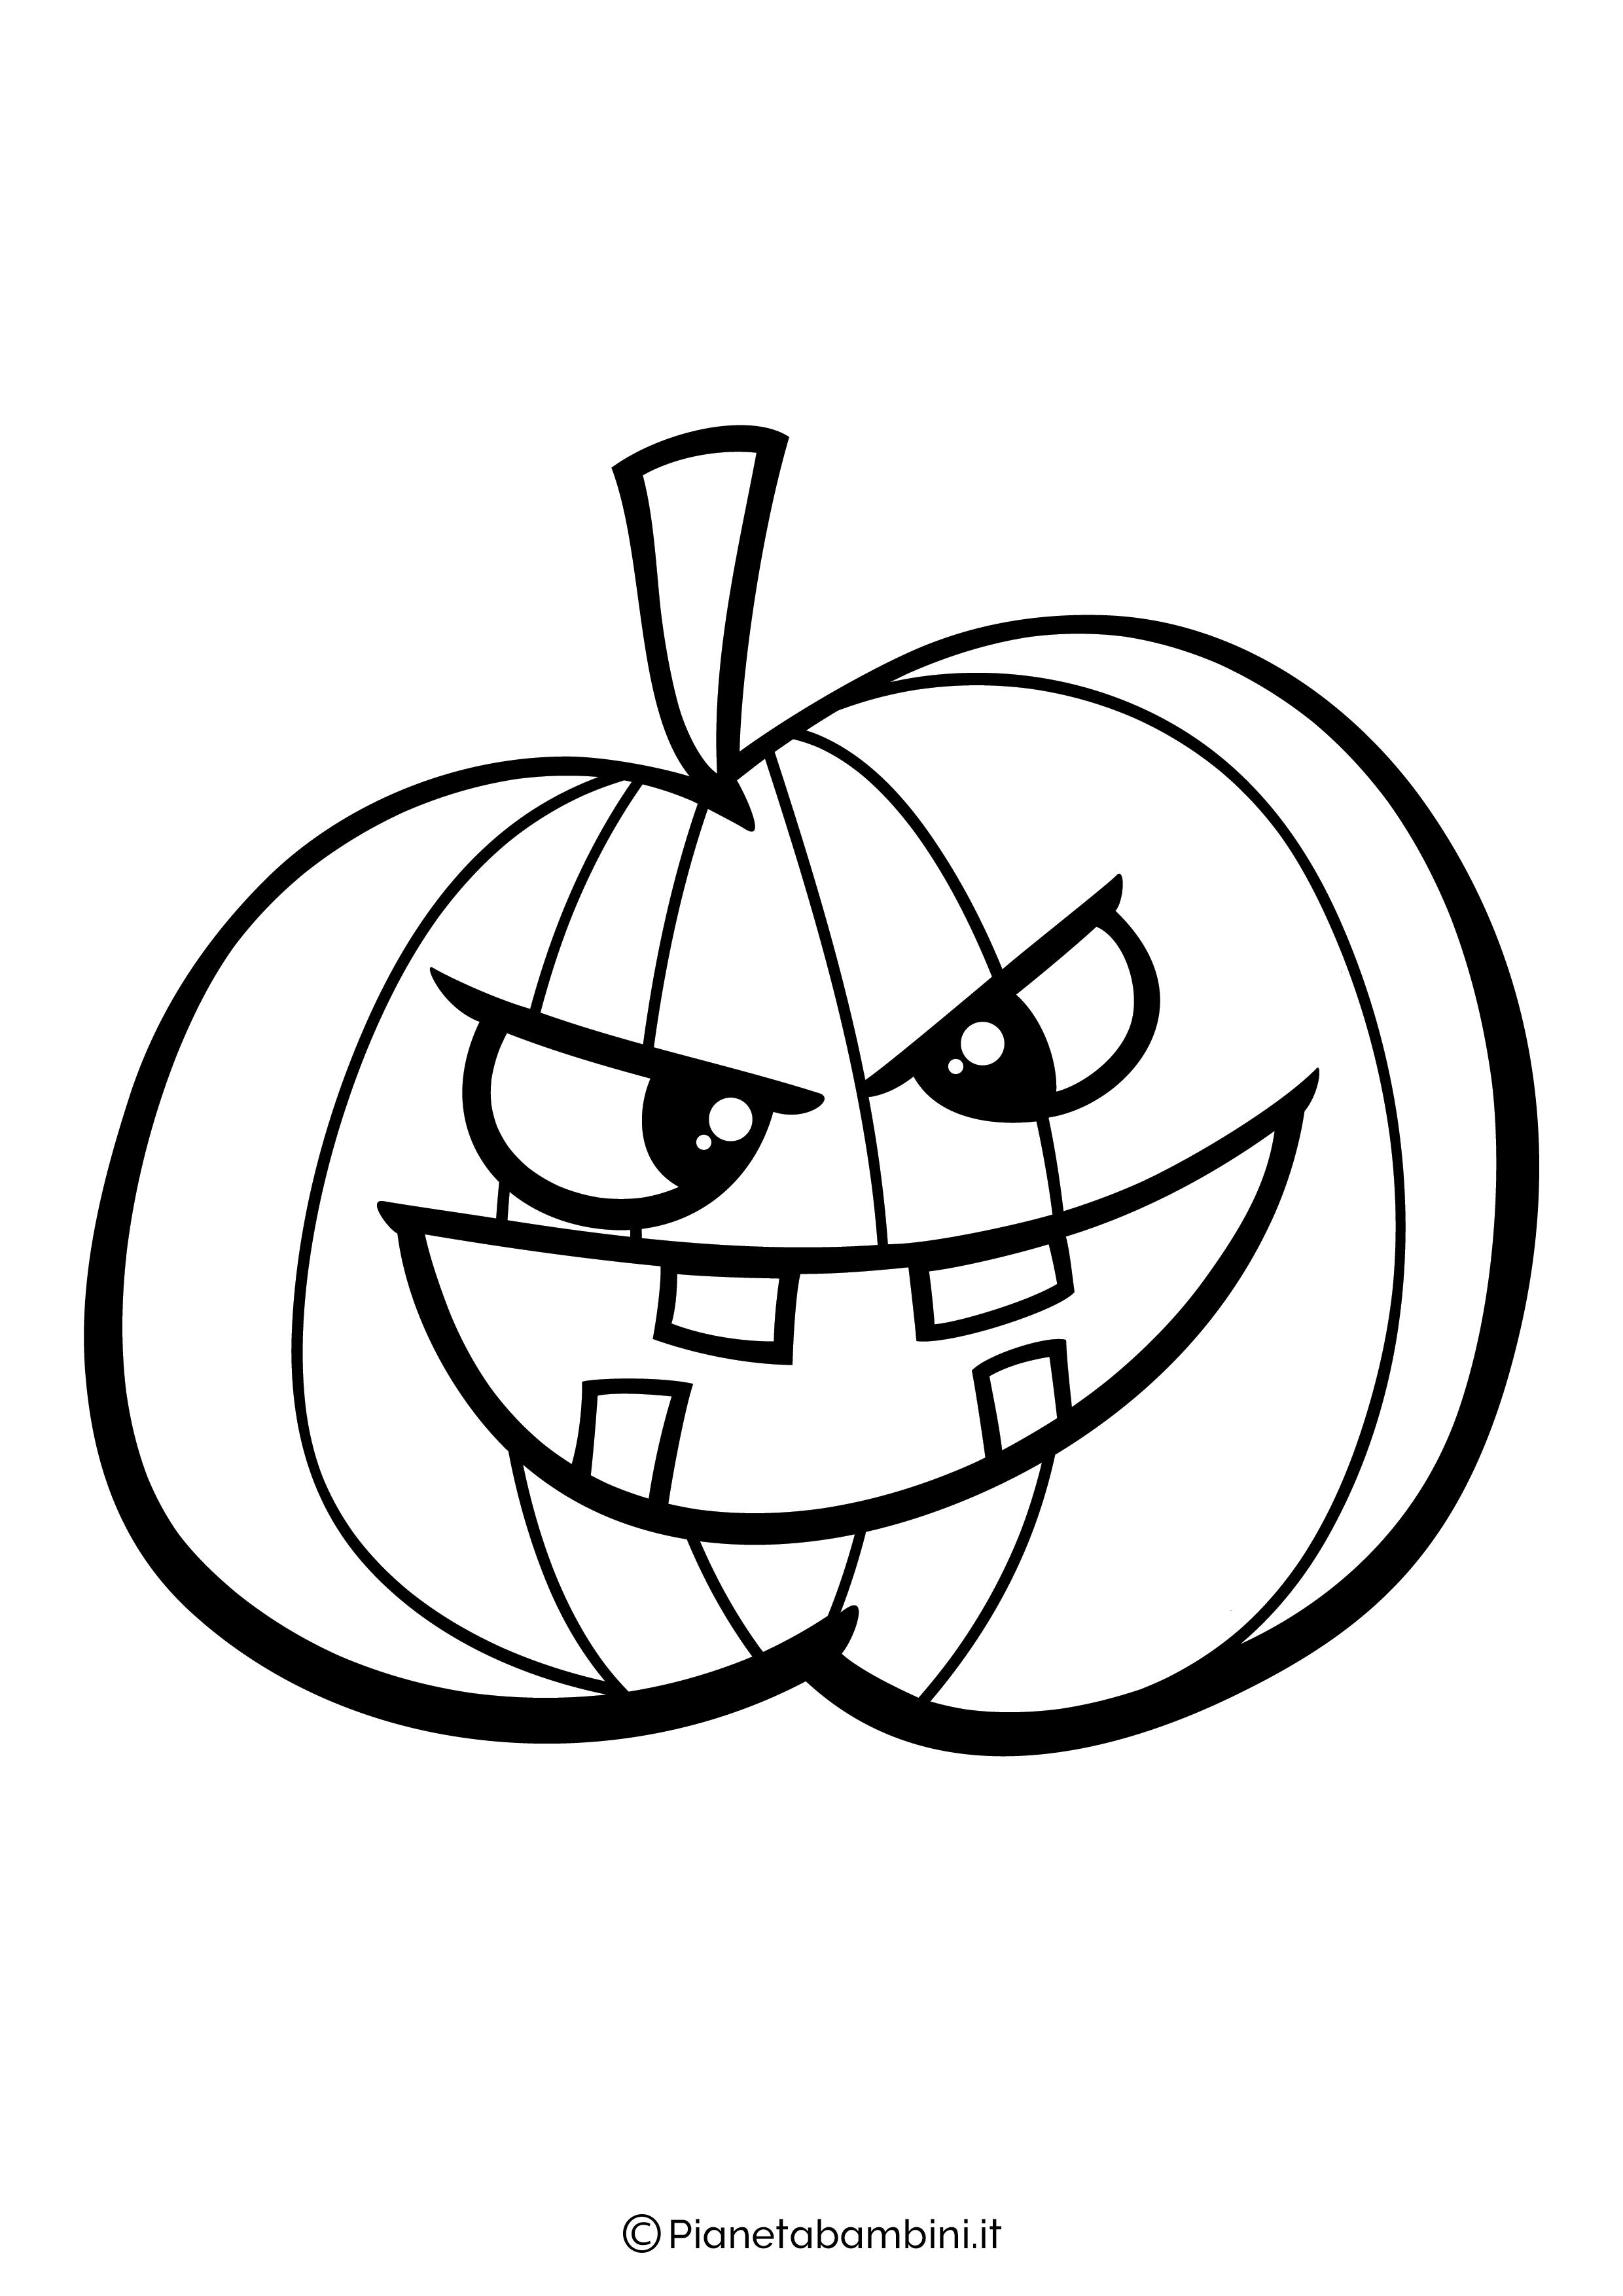 60 Disegni Di Zucche Di Halloween Da Colorare Pianetabambini It Disegni Di Halloween Zucca Halloween Halloween